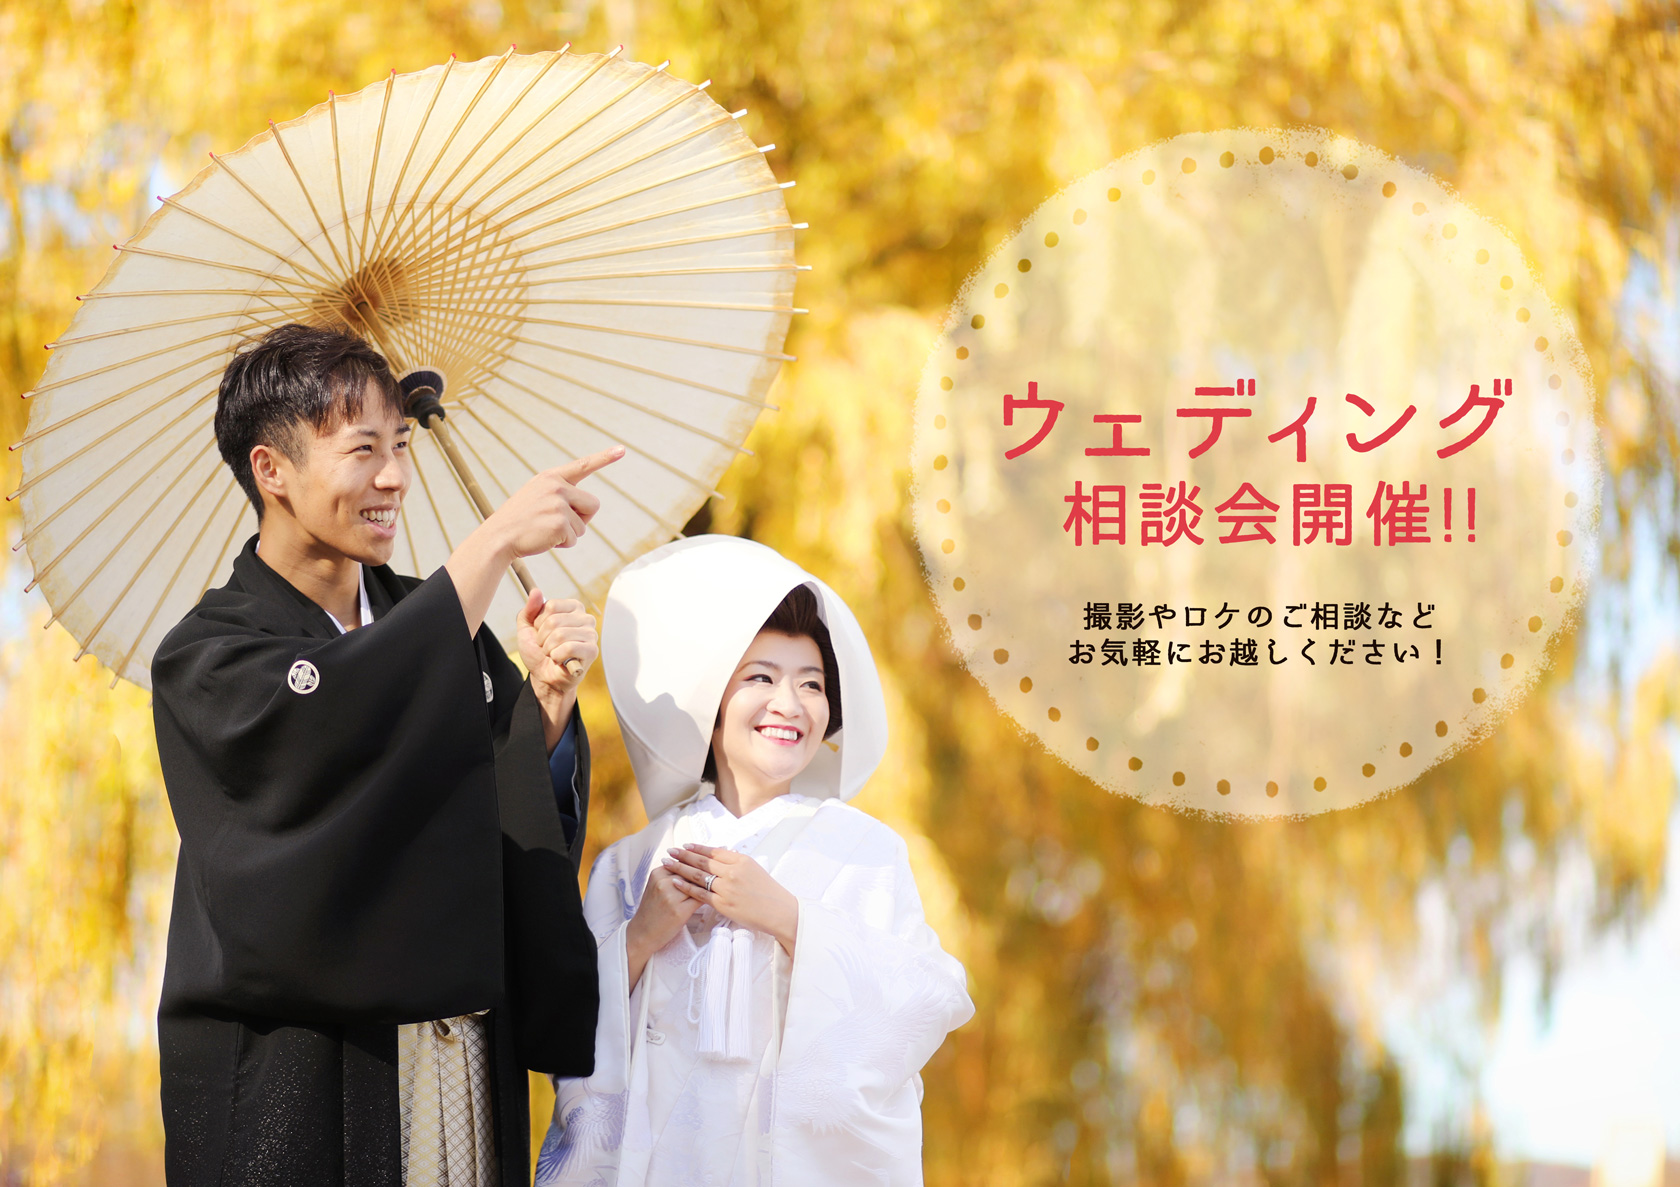 デュボンタン ウェディング相談会 松本店・風の丘(伊那店) にて開催!